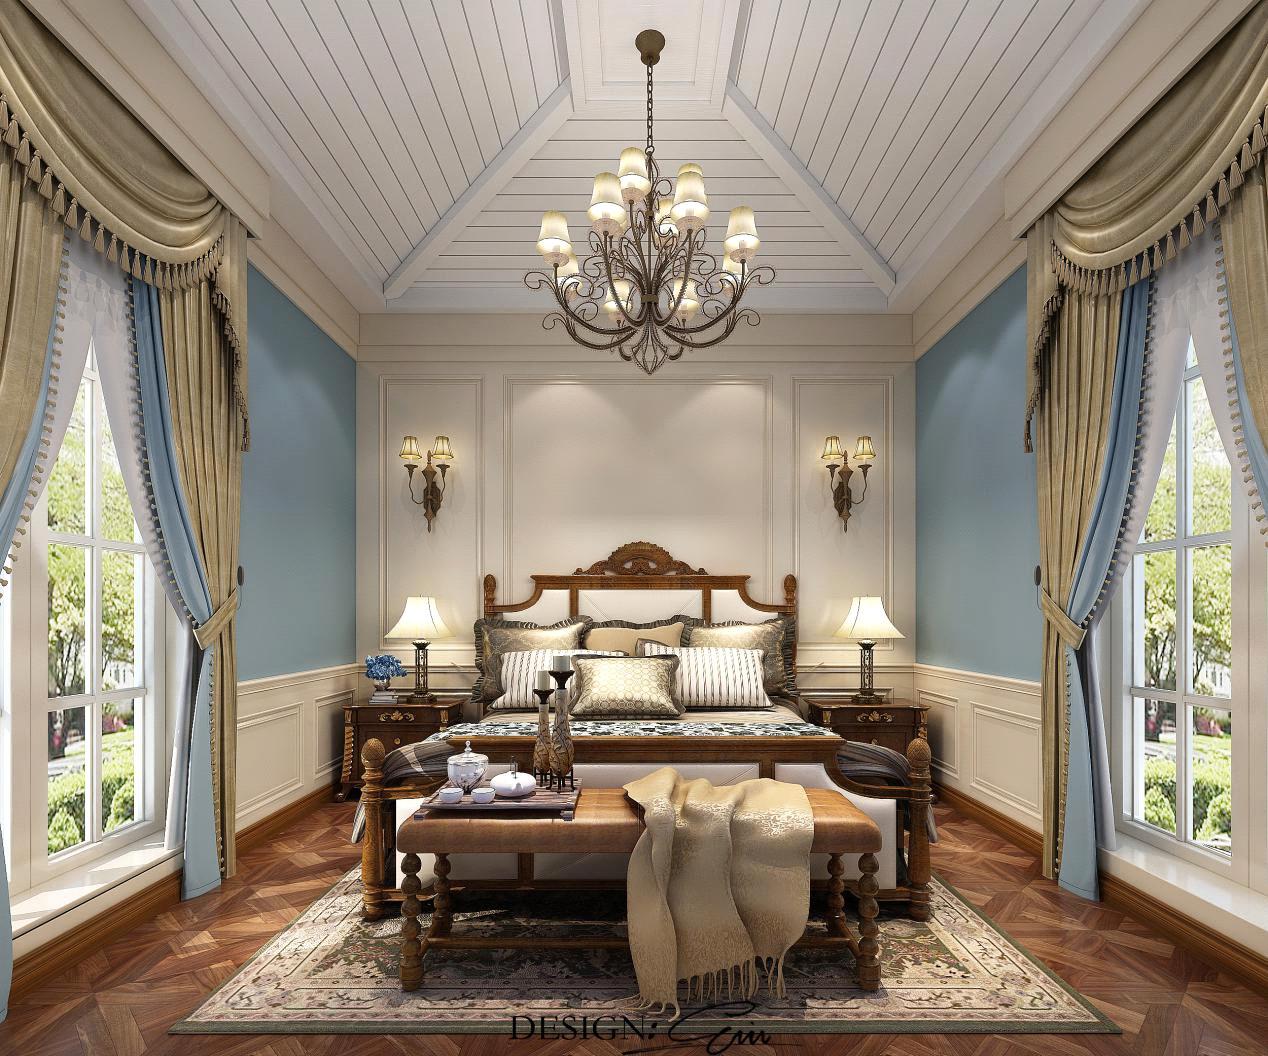 主卧室:卧室采用了天蓝色的墙面,加上白色的吊顶,木制的床与床头柜的搭配,给人以明亮宽敞的感觉,卧室两边的落地窗更是恰到好处,完美融合了这些搭配!